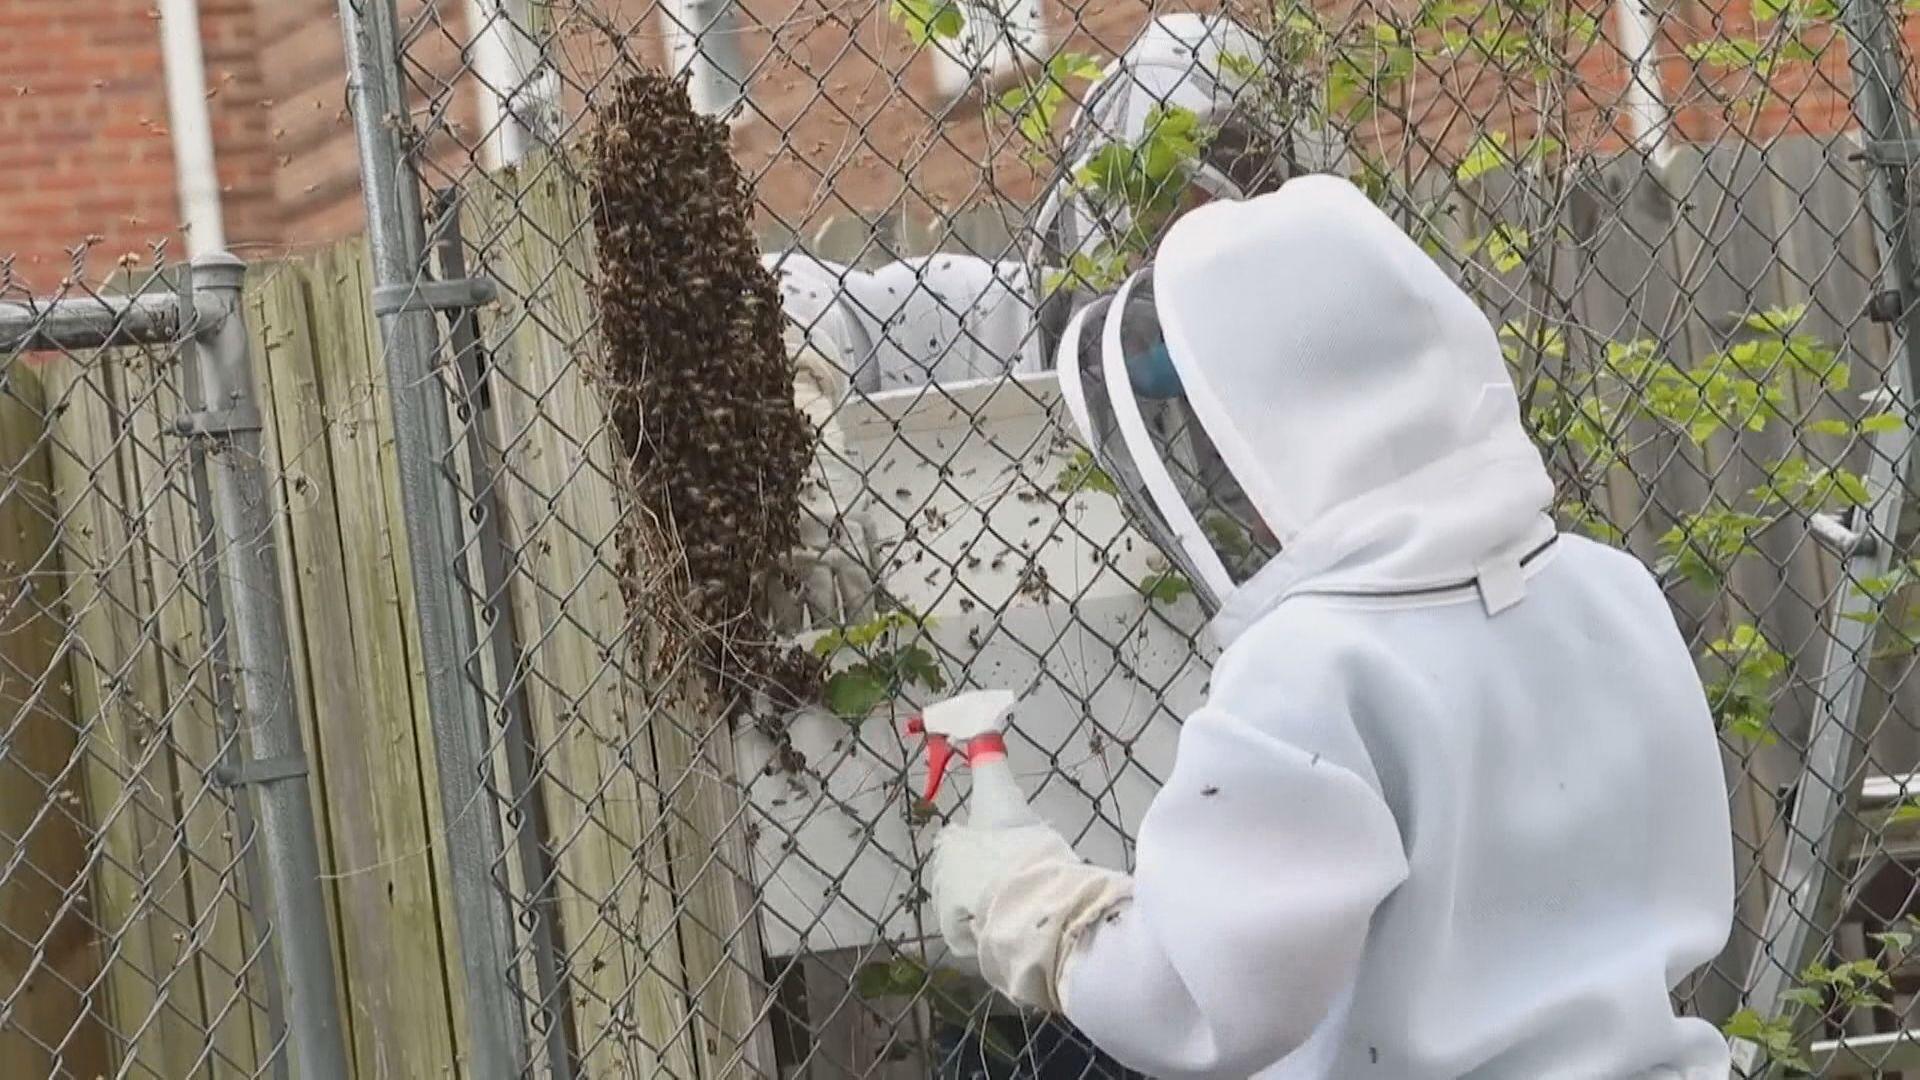 美國發現殺人蜂 專家全副裝備殲滅